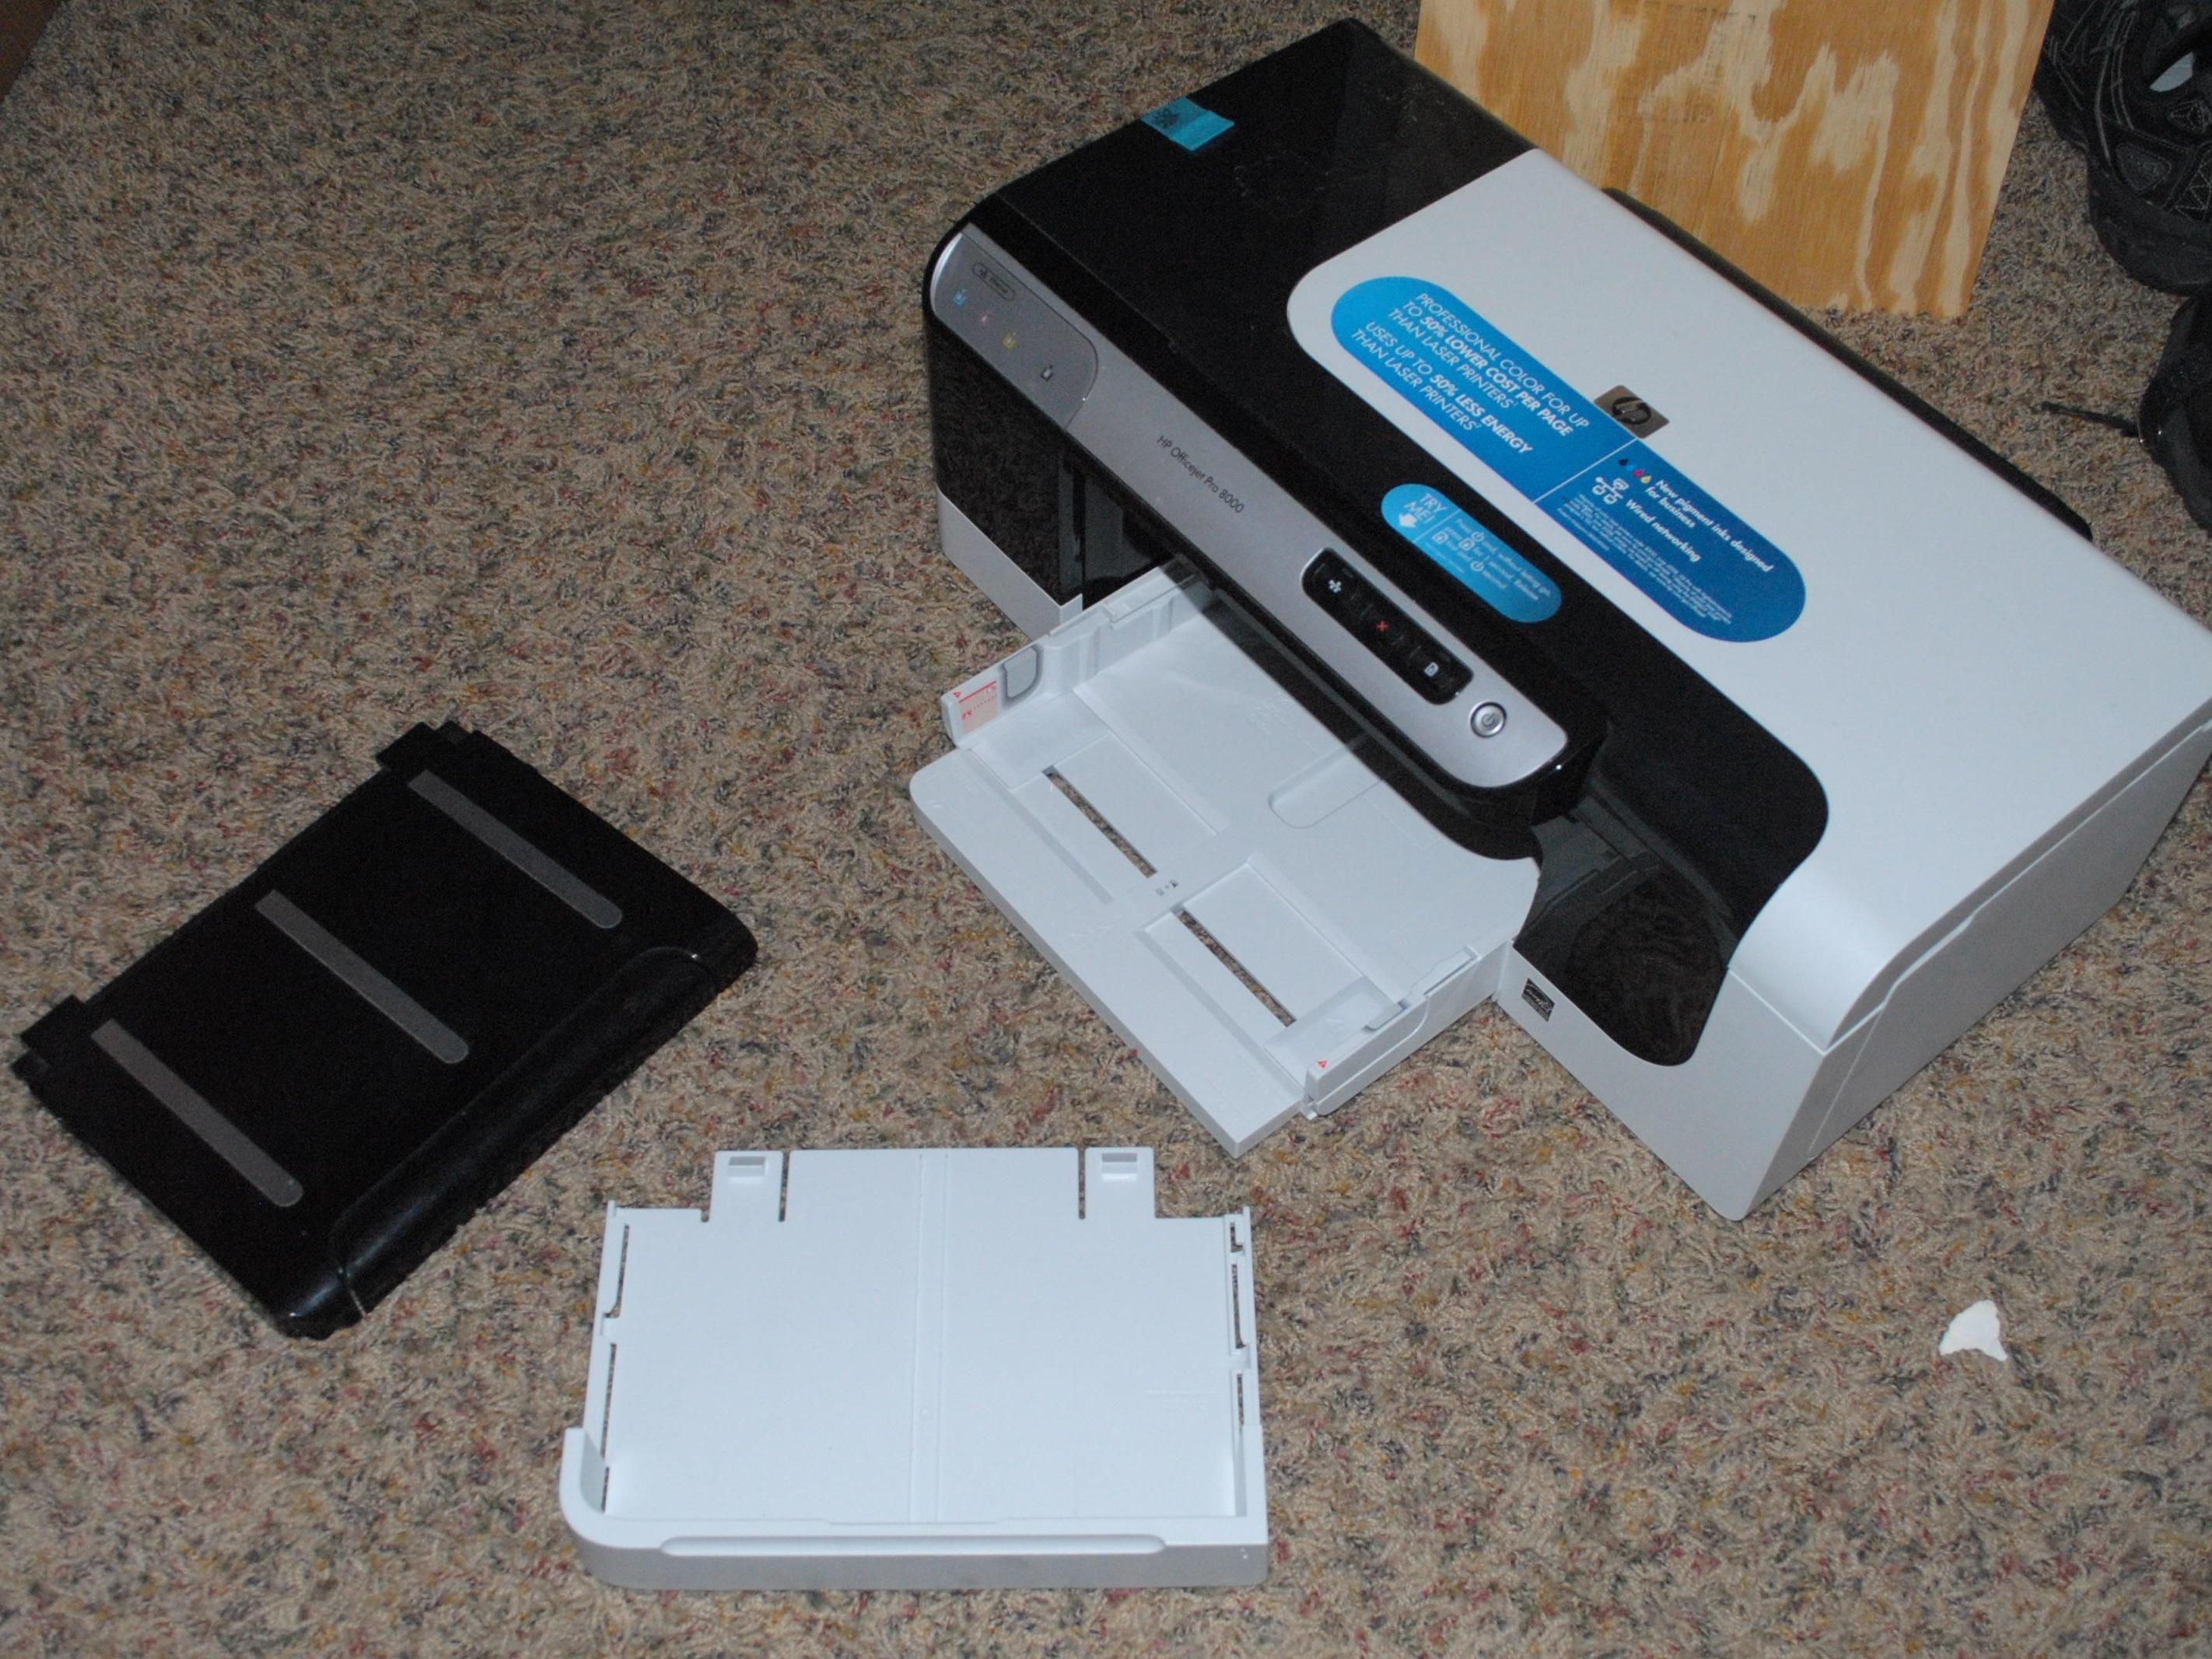 hp officejet pro 8000 teardown ifixit rh ifixit com officejet pro 8000 service manual hp officejet pro 8000 a809 manual